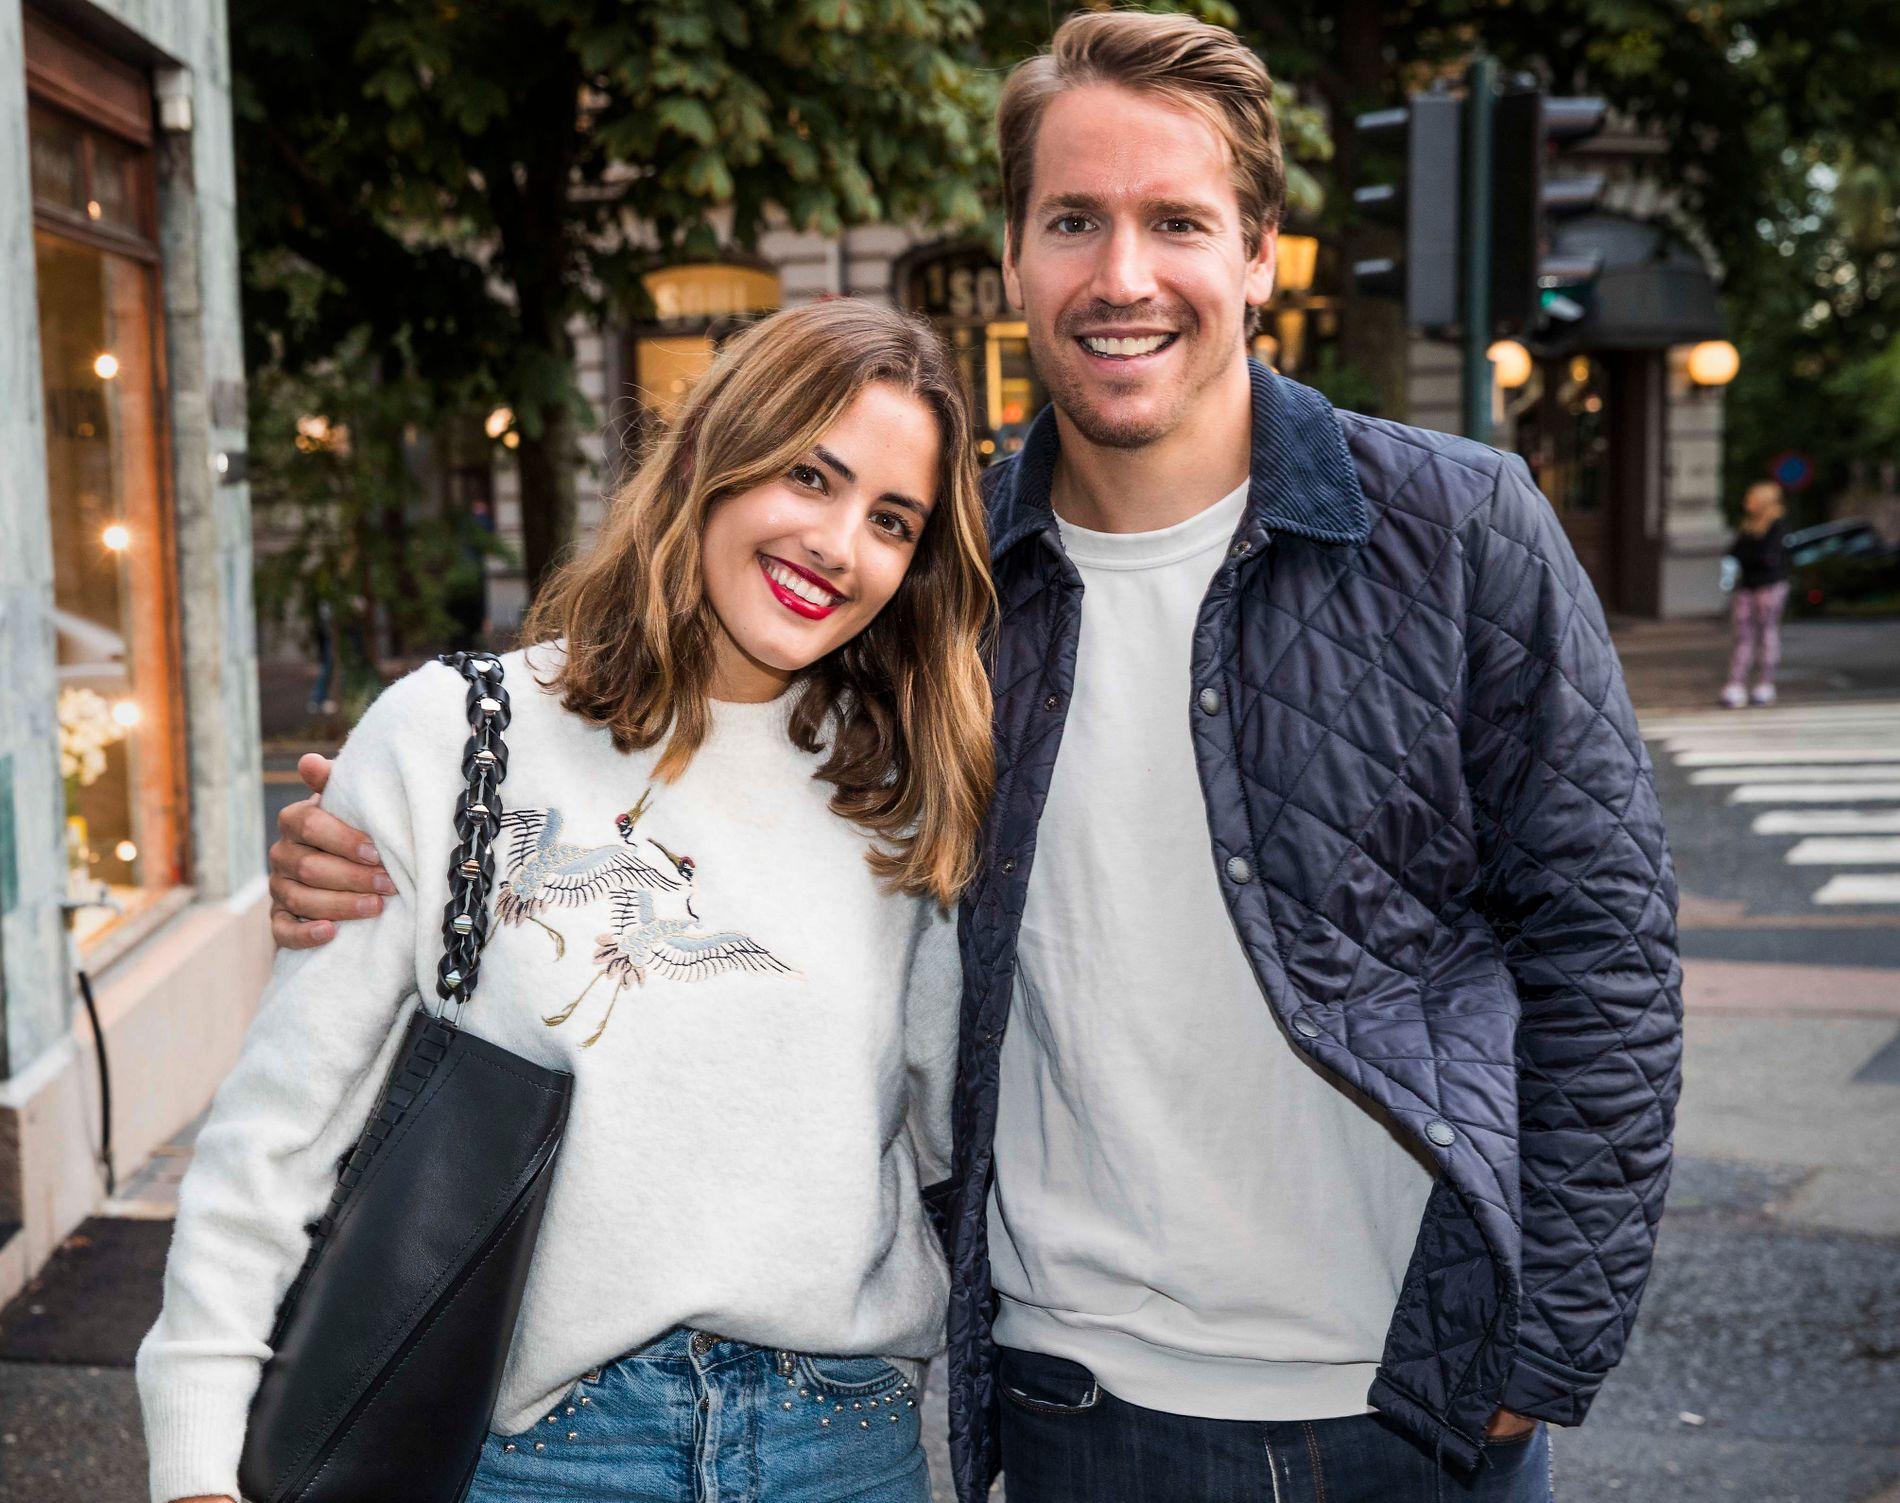 BORT MED VINTERTØYET: Emil Hegle Svendsen og kjæresten Samantha Skogrand drar til Karibia i dag. Deretter blir det litt ferie i USA på paret.